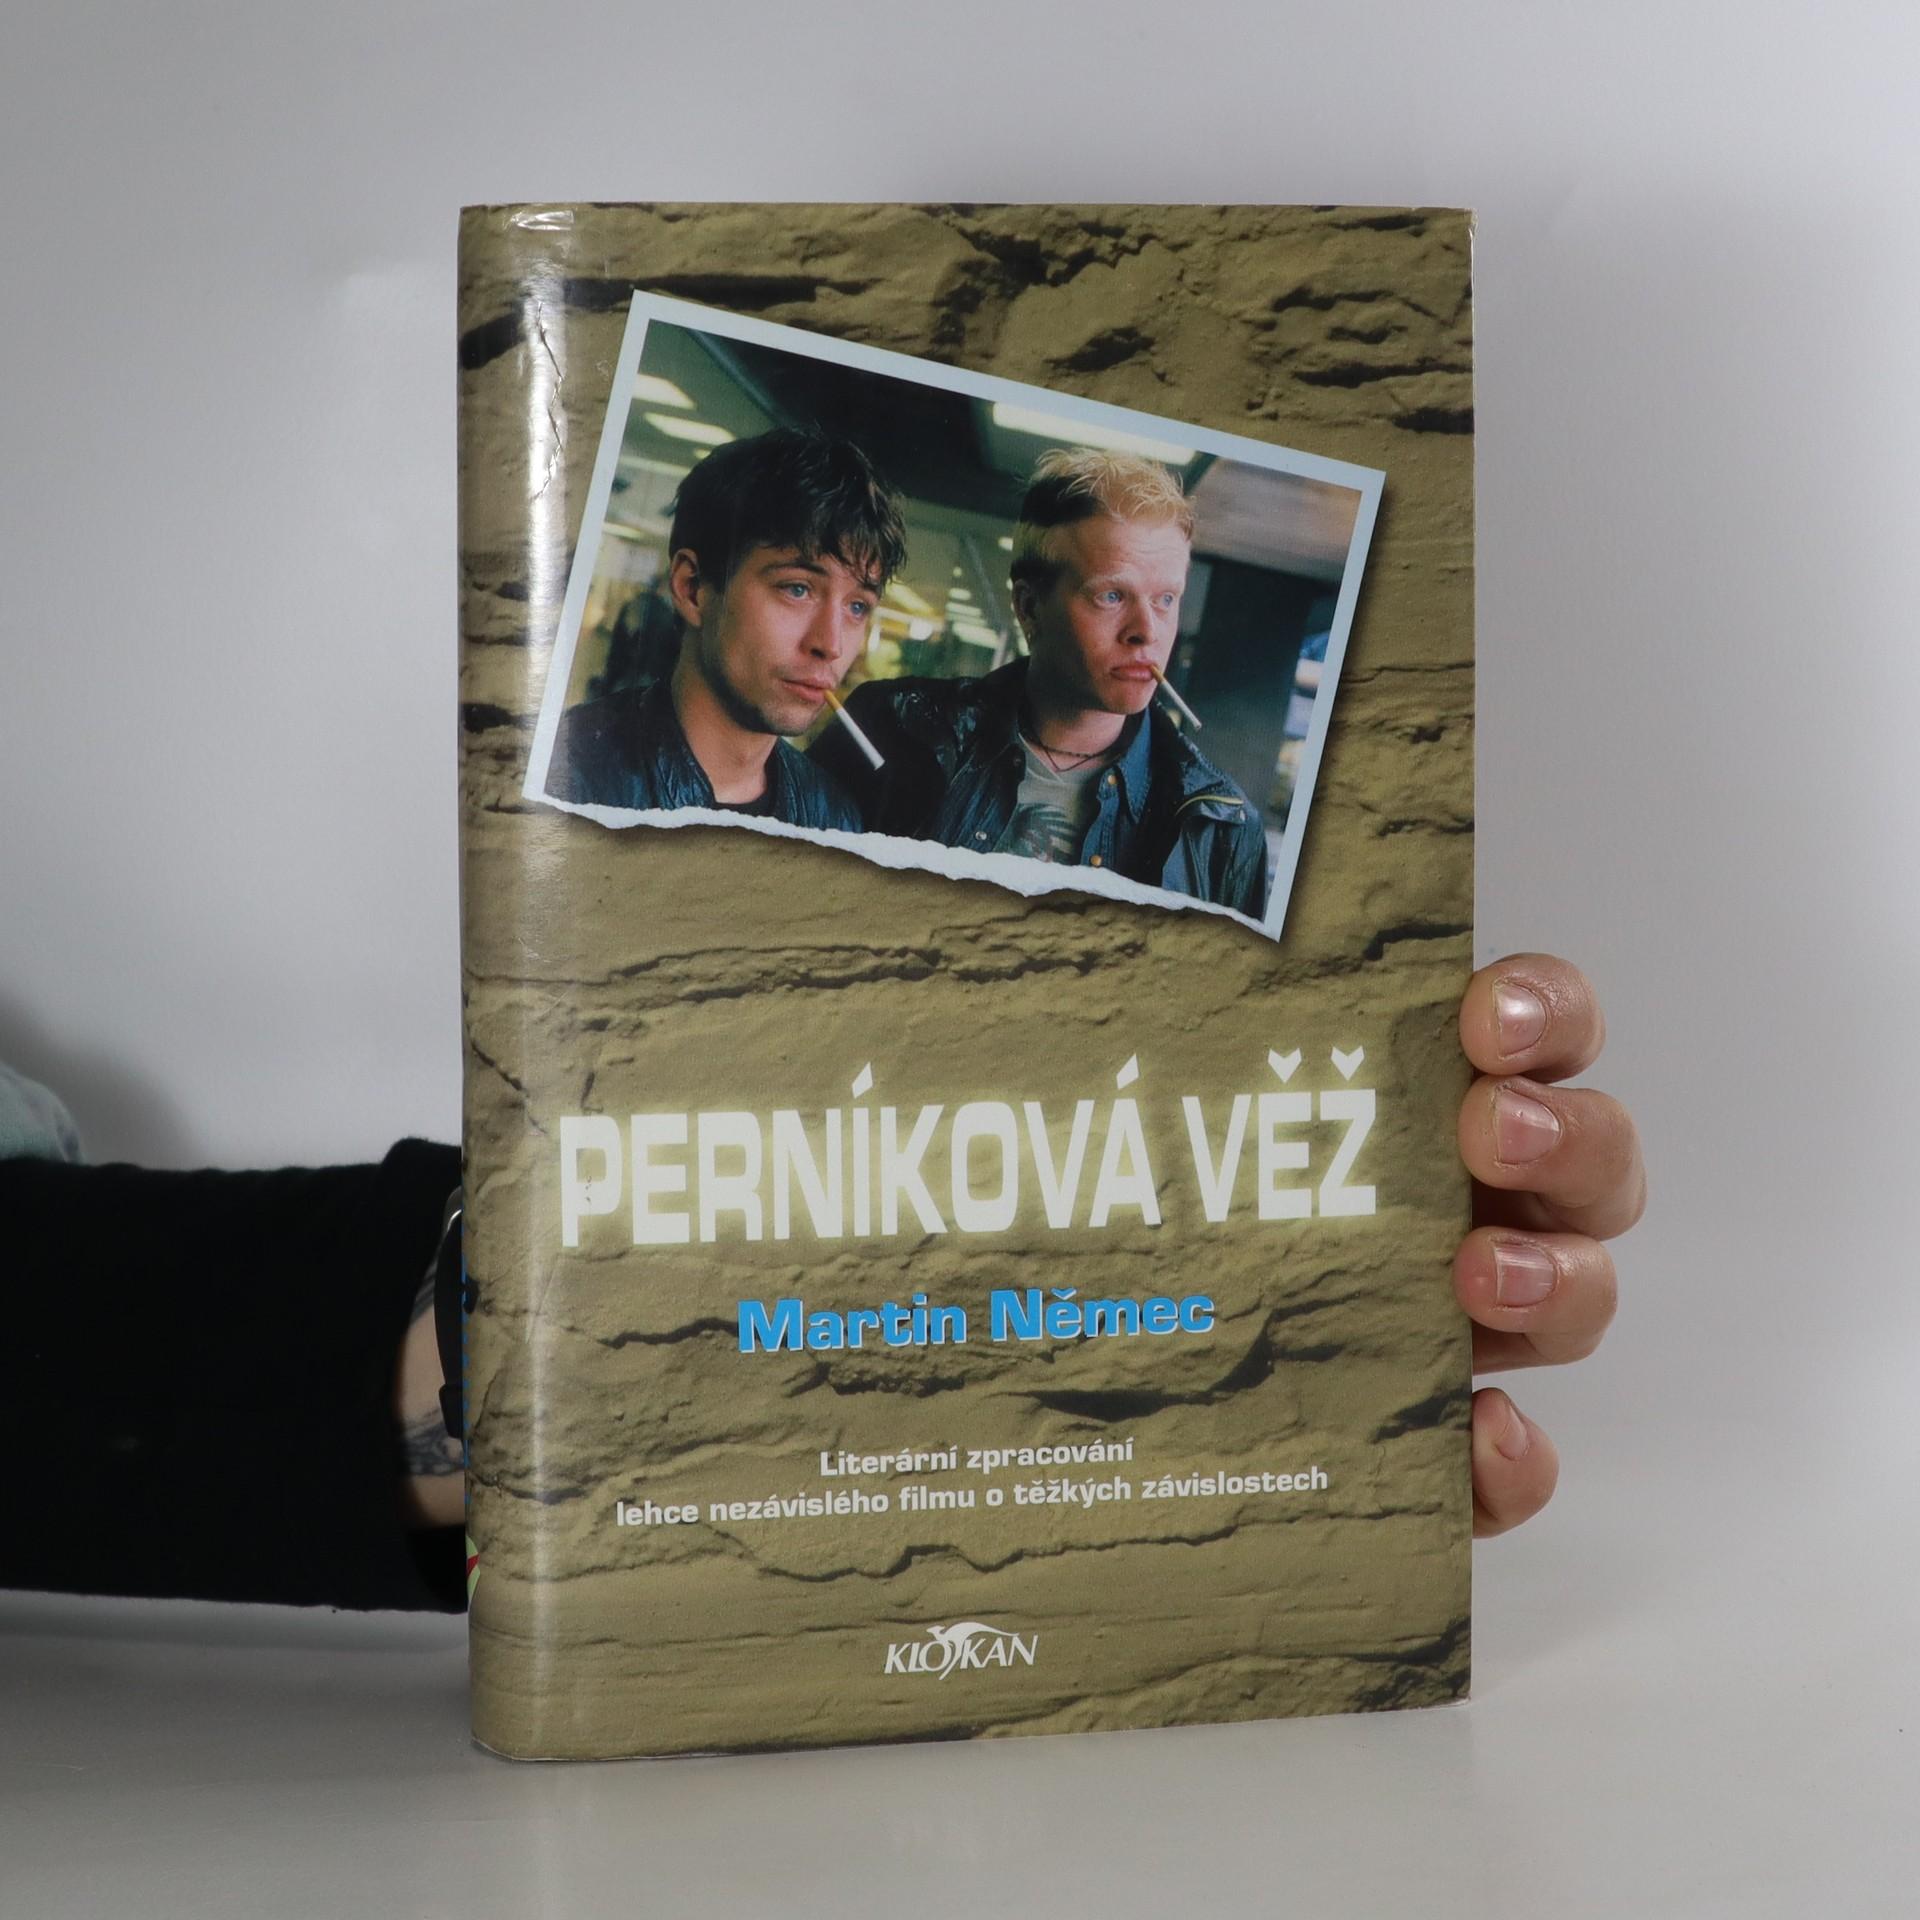 antikvární kniha Perníková věž : literární zpracování lehce nazávislého filmu o těžkých závislostech, 2002